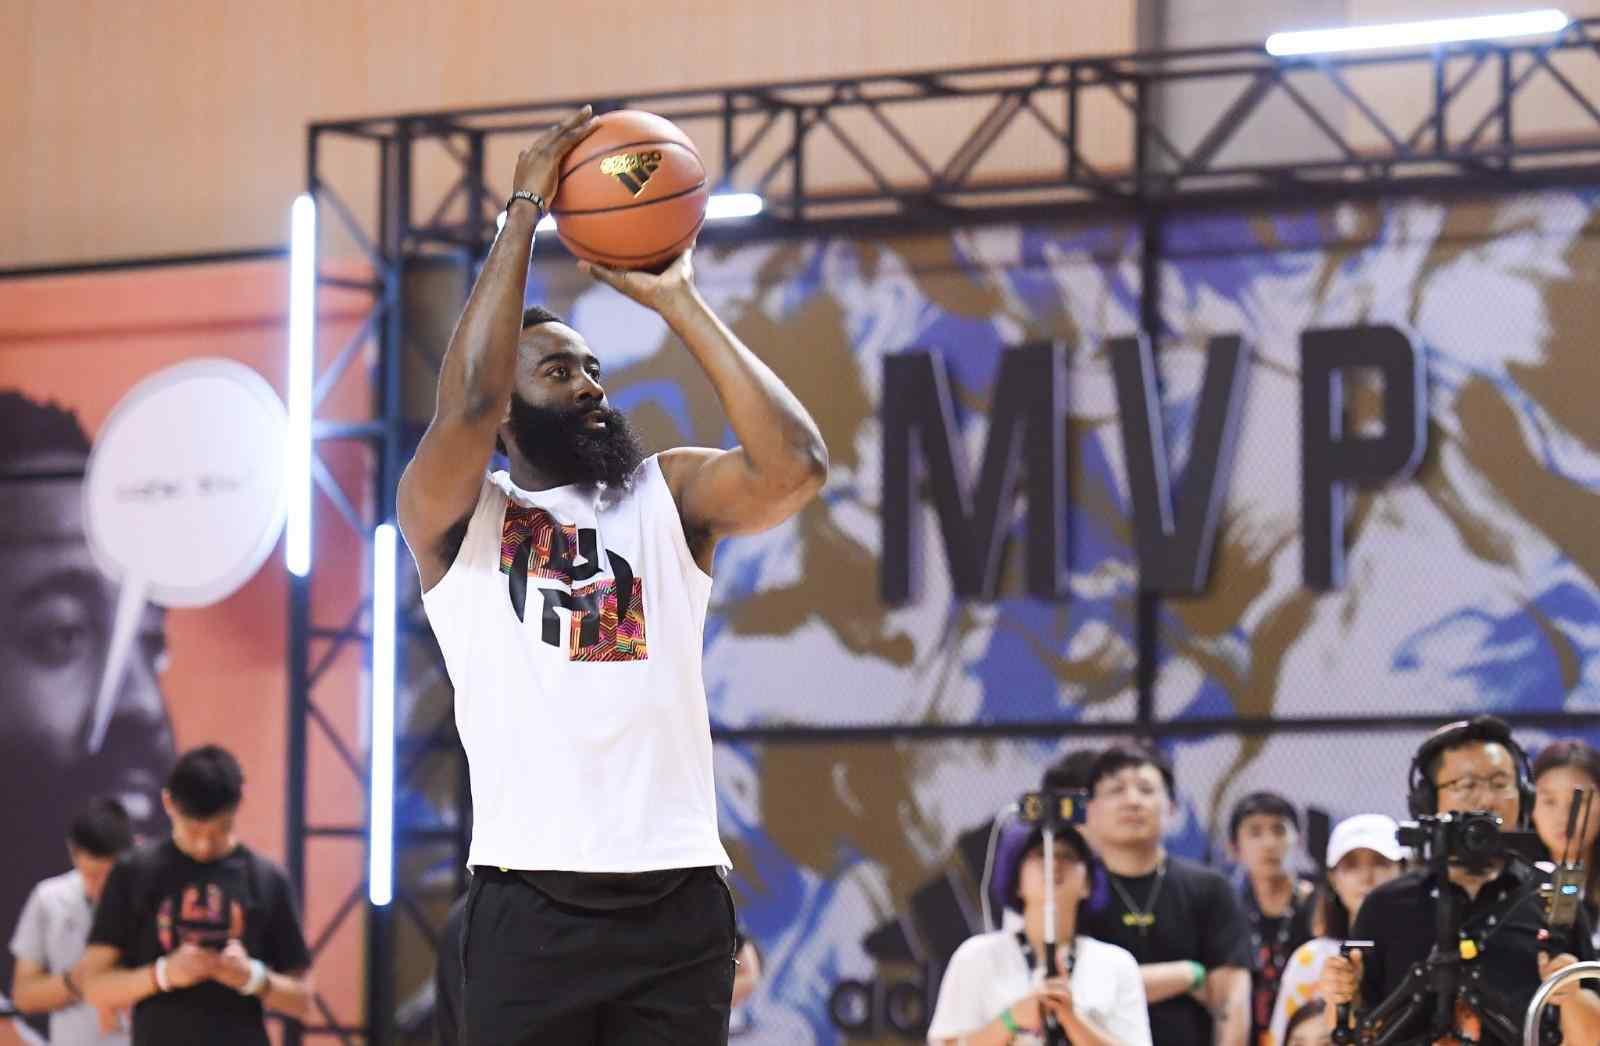 杜兰特中国行 NBA球星中国行2018时间及地点 哈登杜兰特汤普森中国行行程